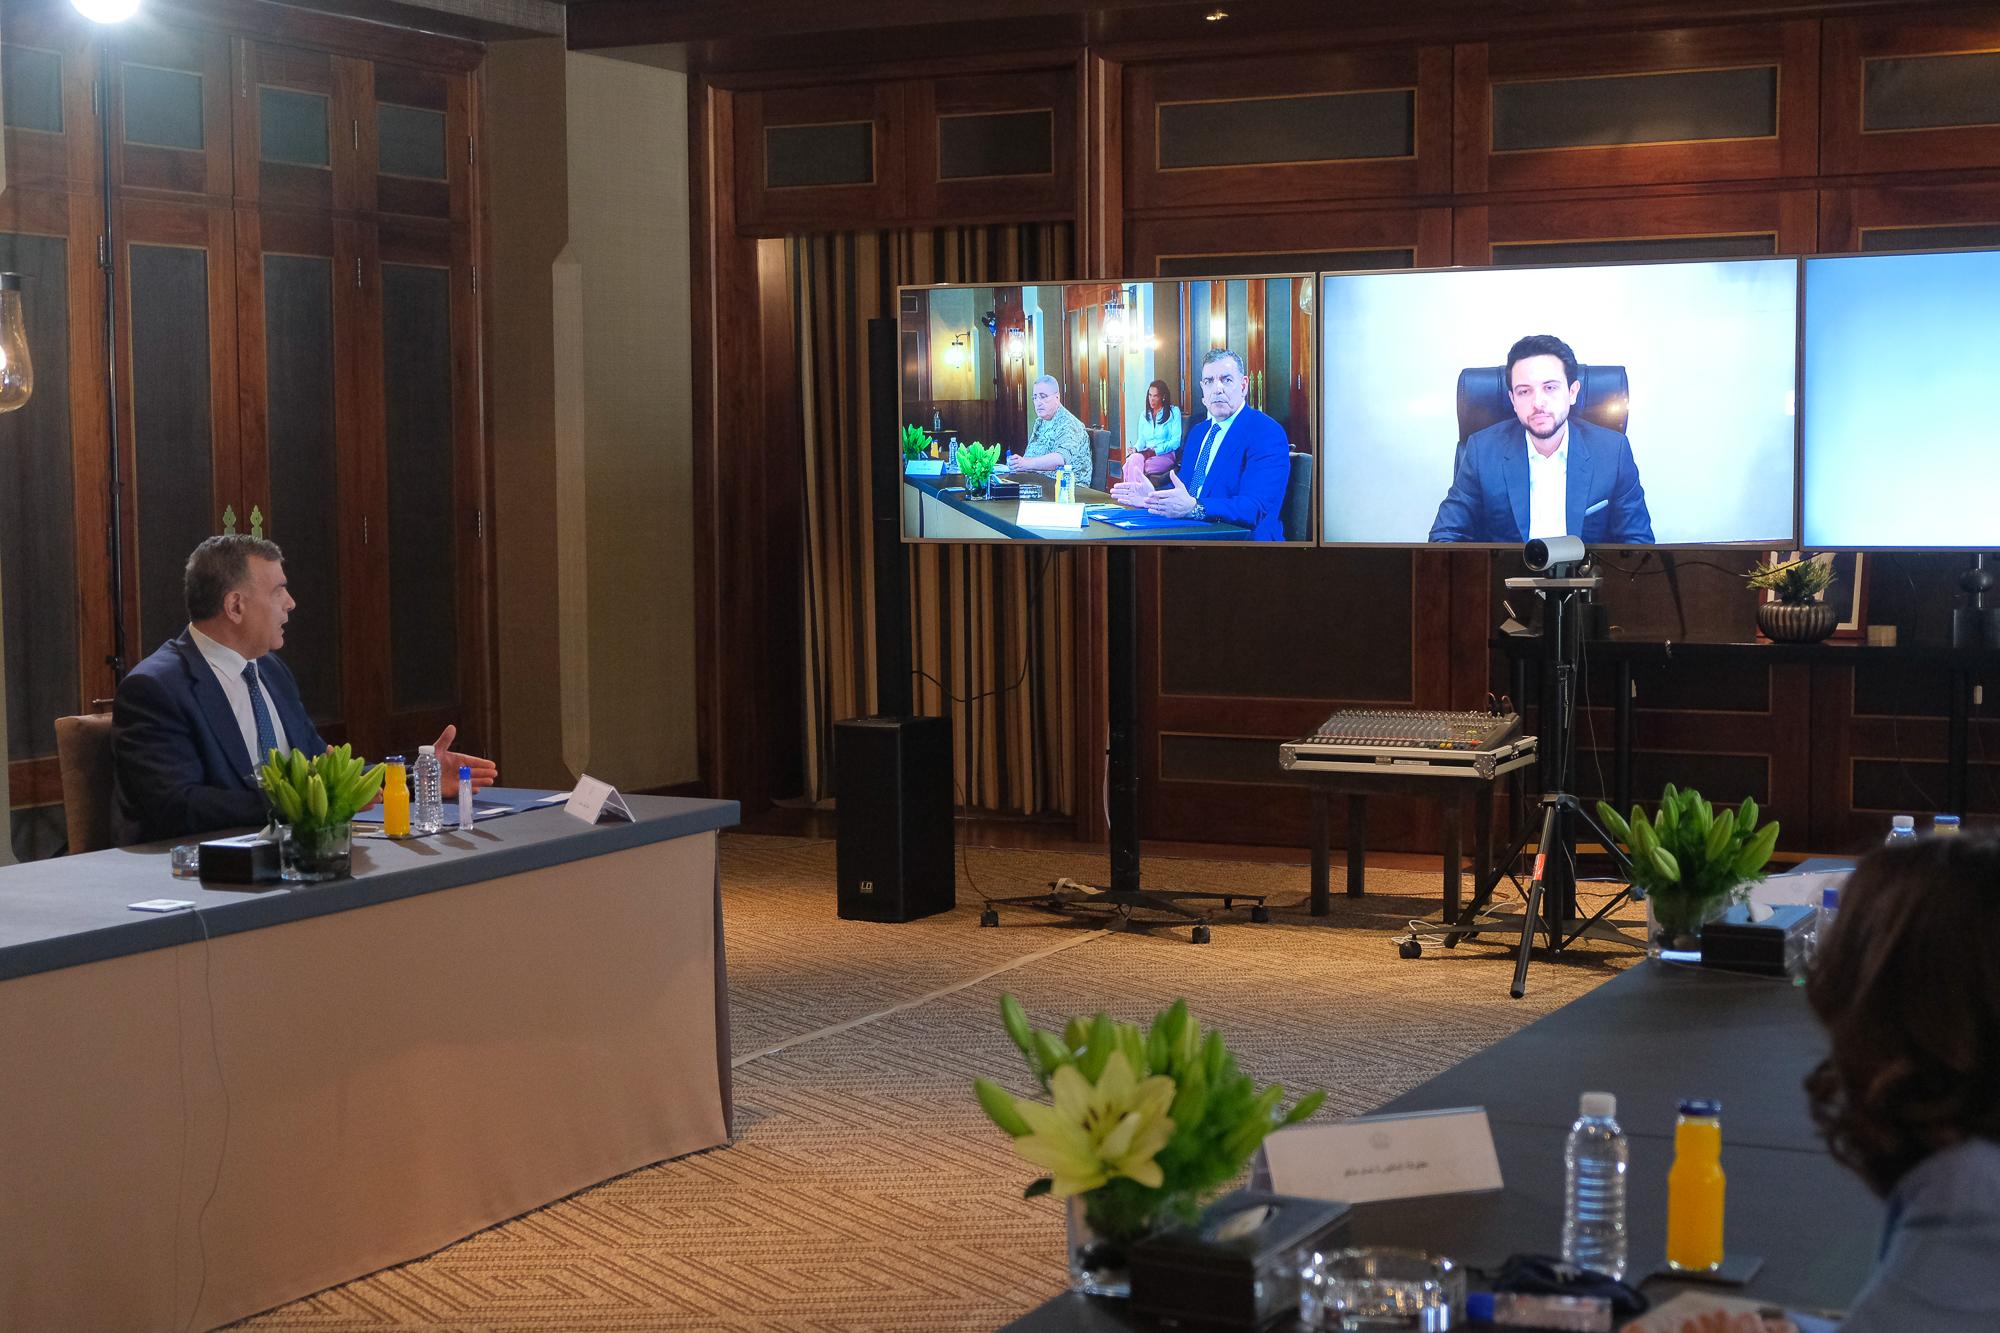 سمو ولي العهد يؤكد ضرورة رفع وتعزيز قدرة الأردن في مجال فحوصات فيروس كورونا